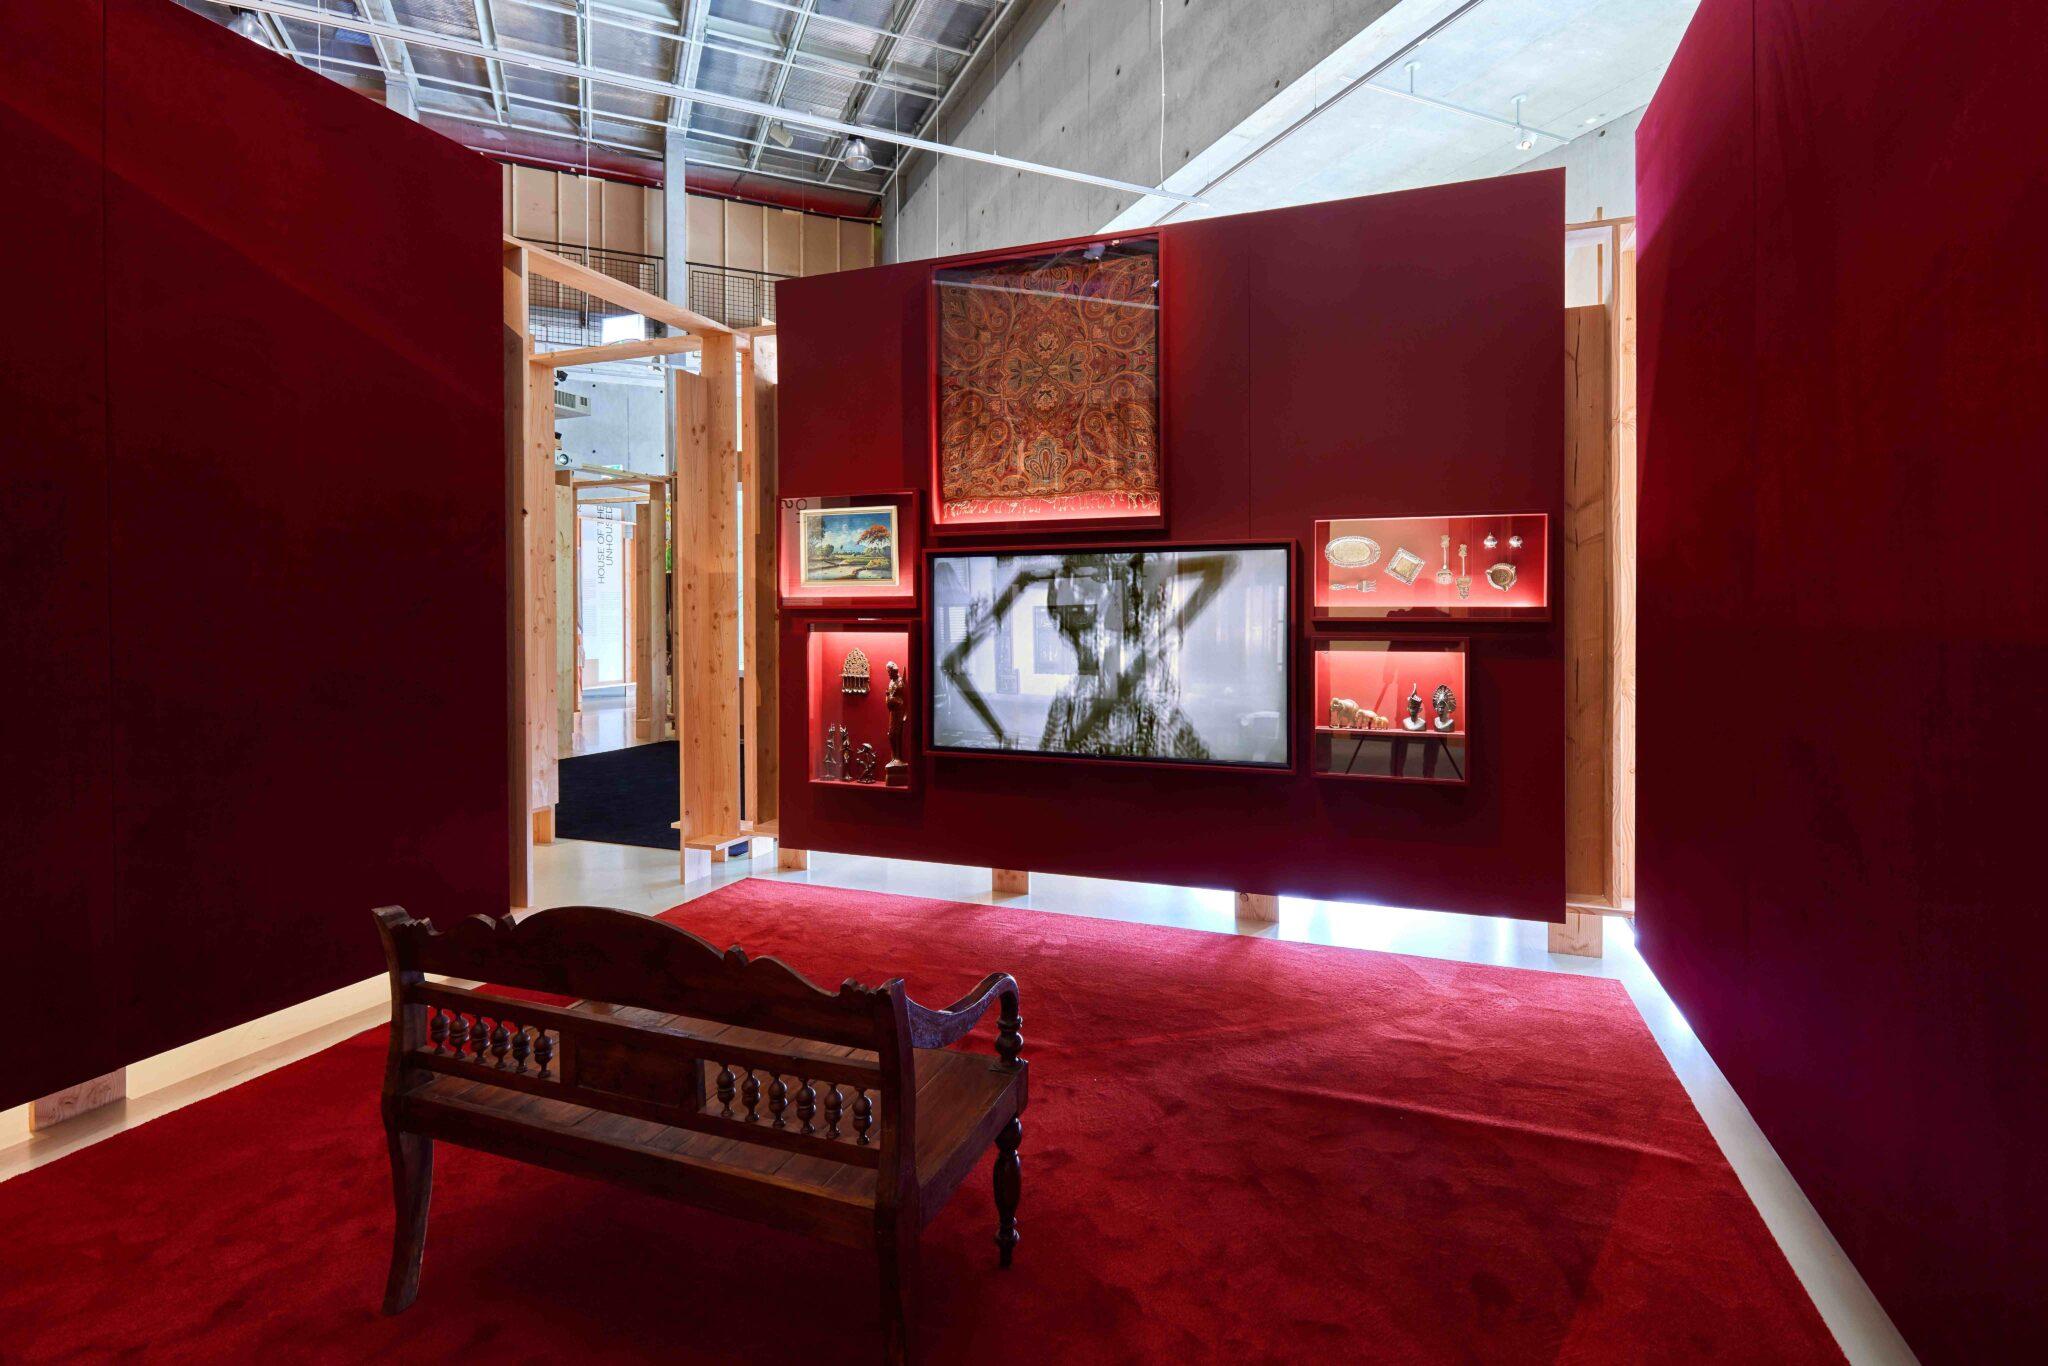 Tijdelijk Huis van Thuis Het Nieuwe Instituut Rotterdam 03